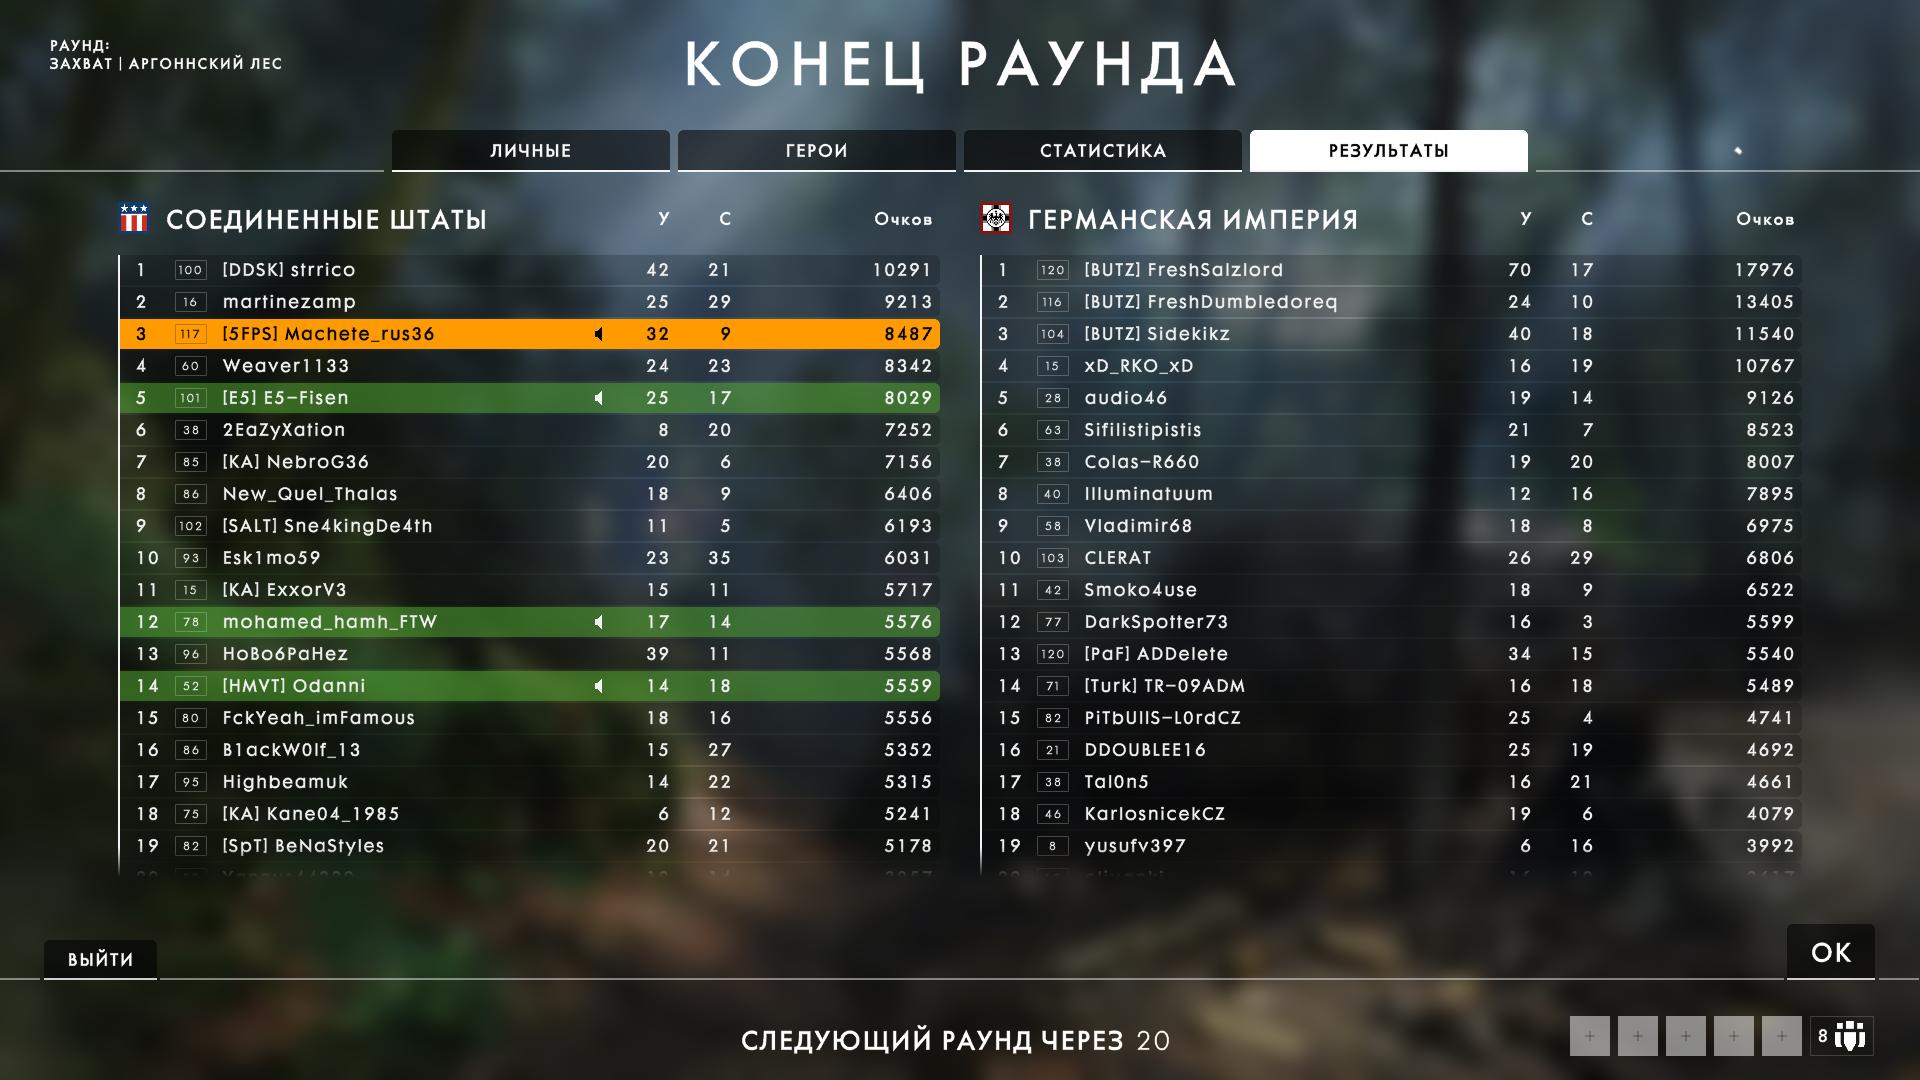 Battlefield™ 1 12.09.2017 0_59_23.png